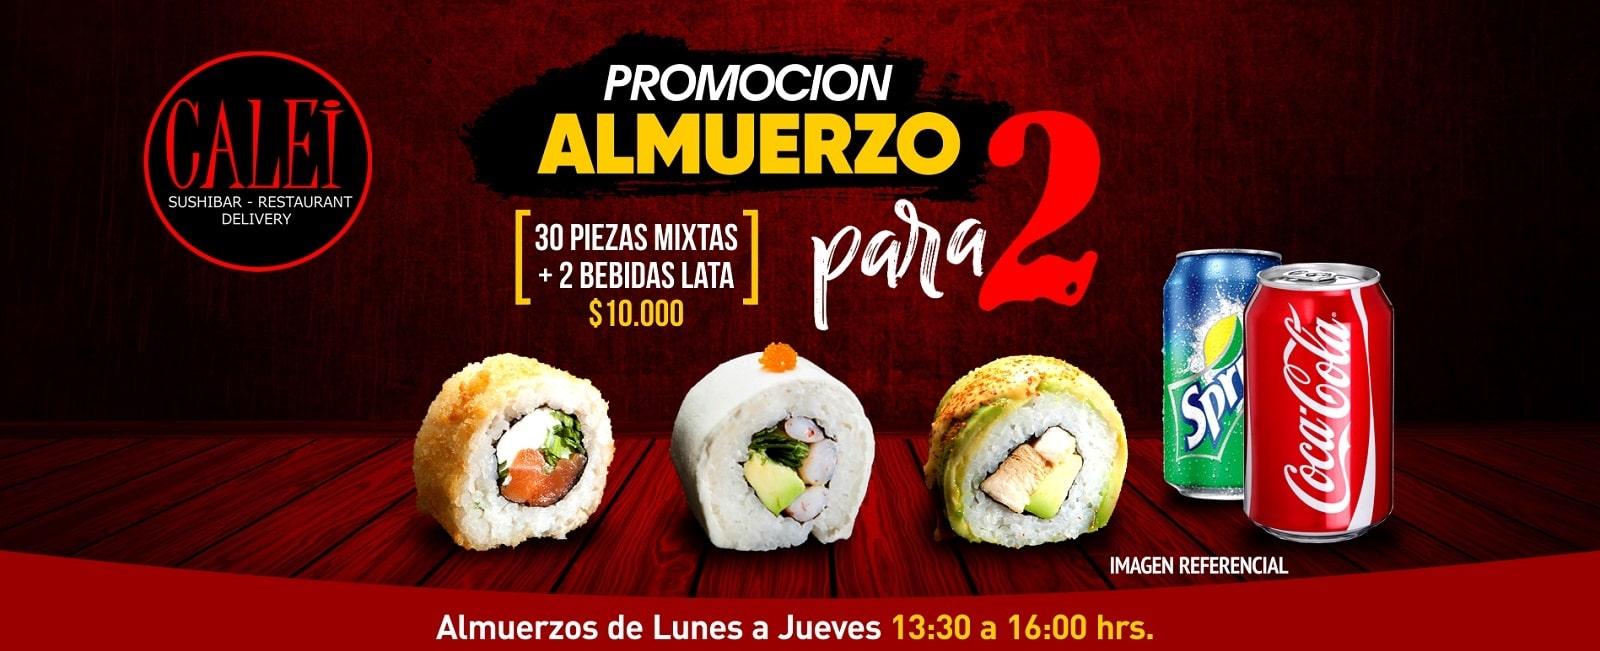 Slide_almuerzo_30_sushi_mixtas_PNG